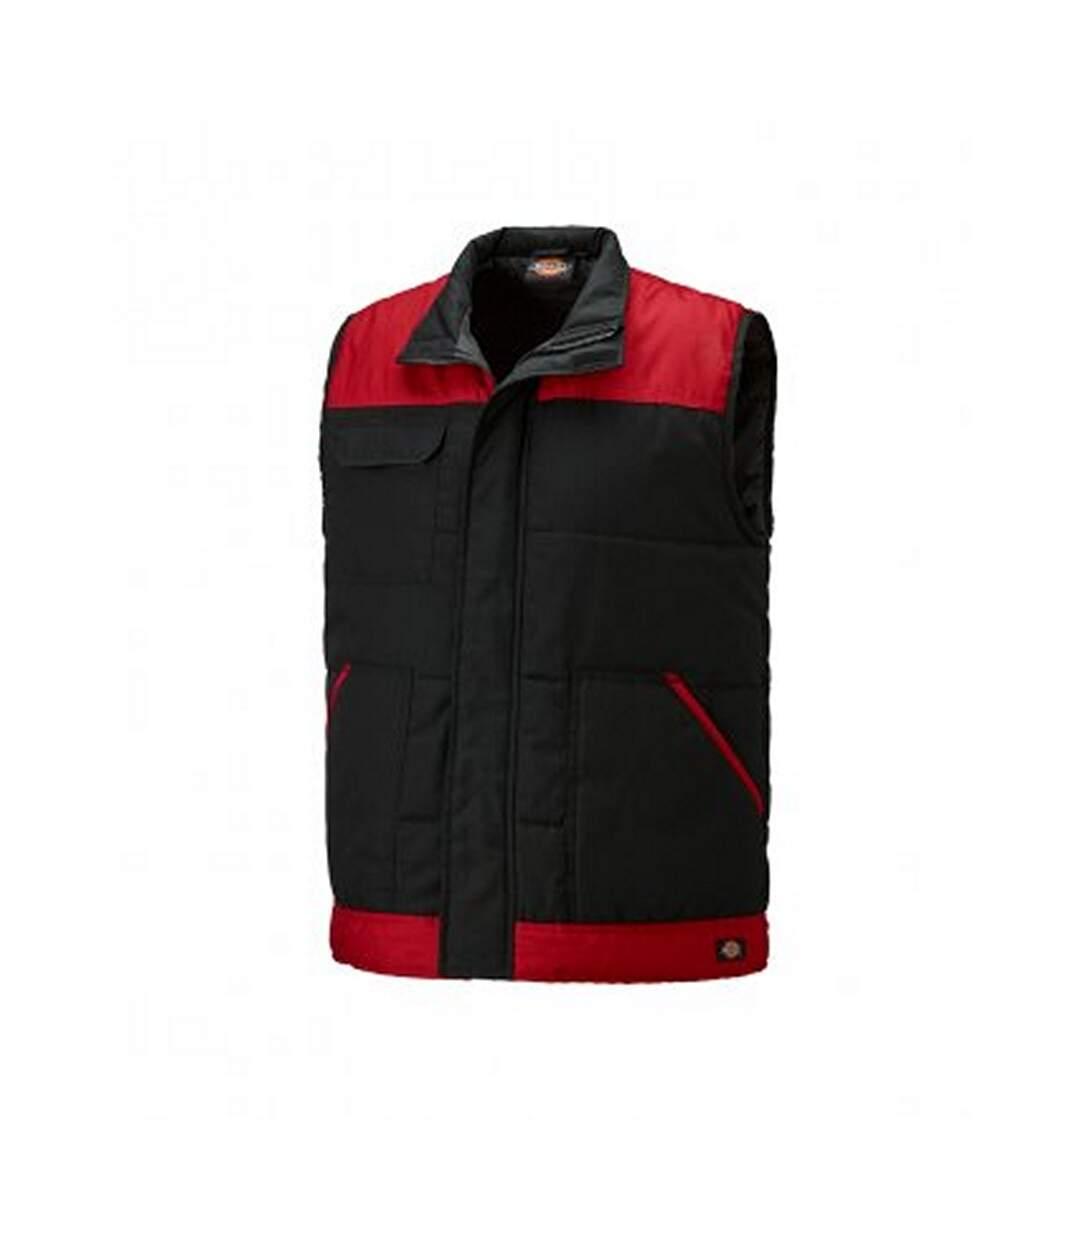 Dickies Mens Everyday Bodywarmer (Black/Red) - UTPC3050